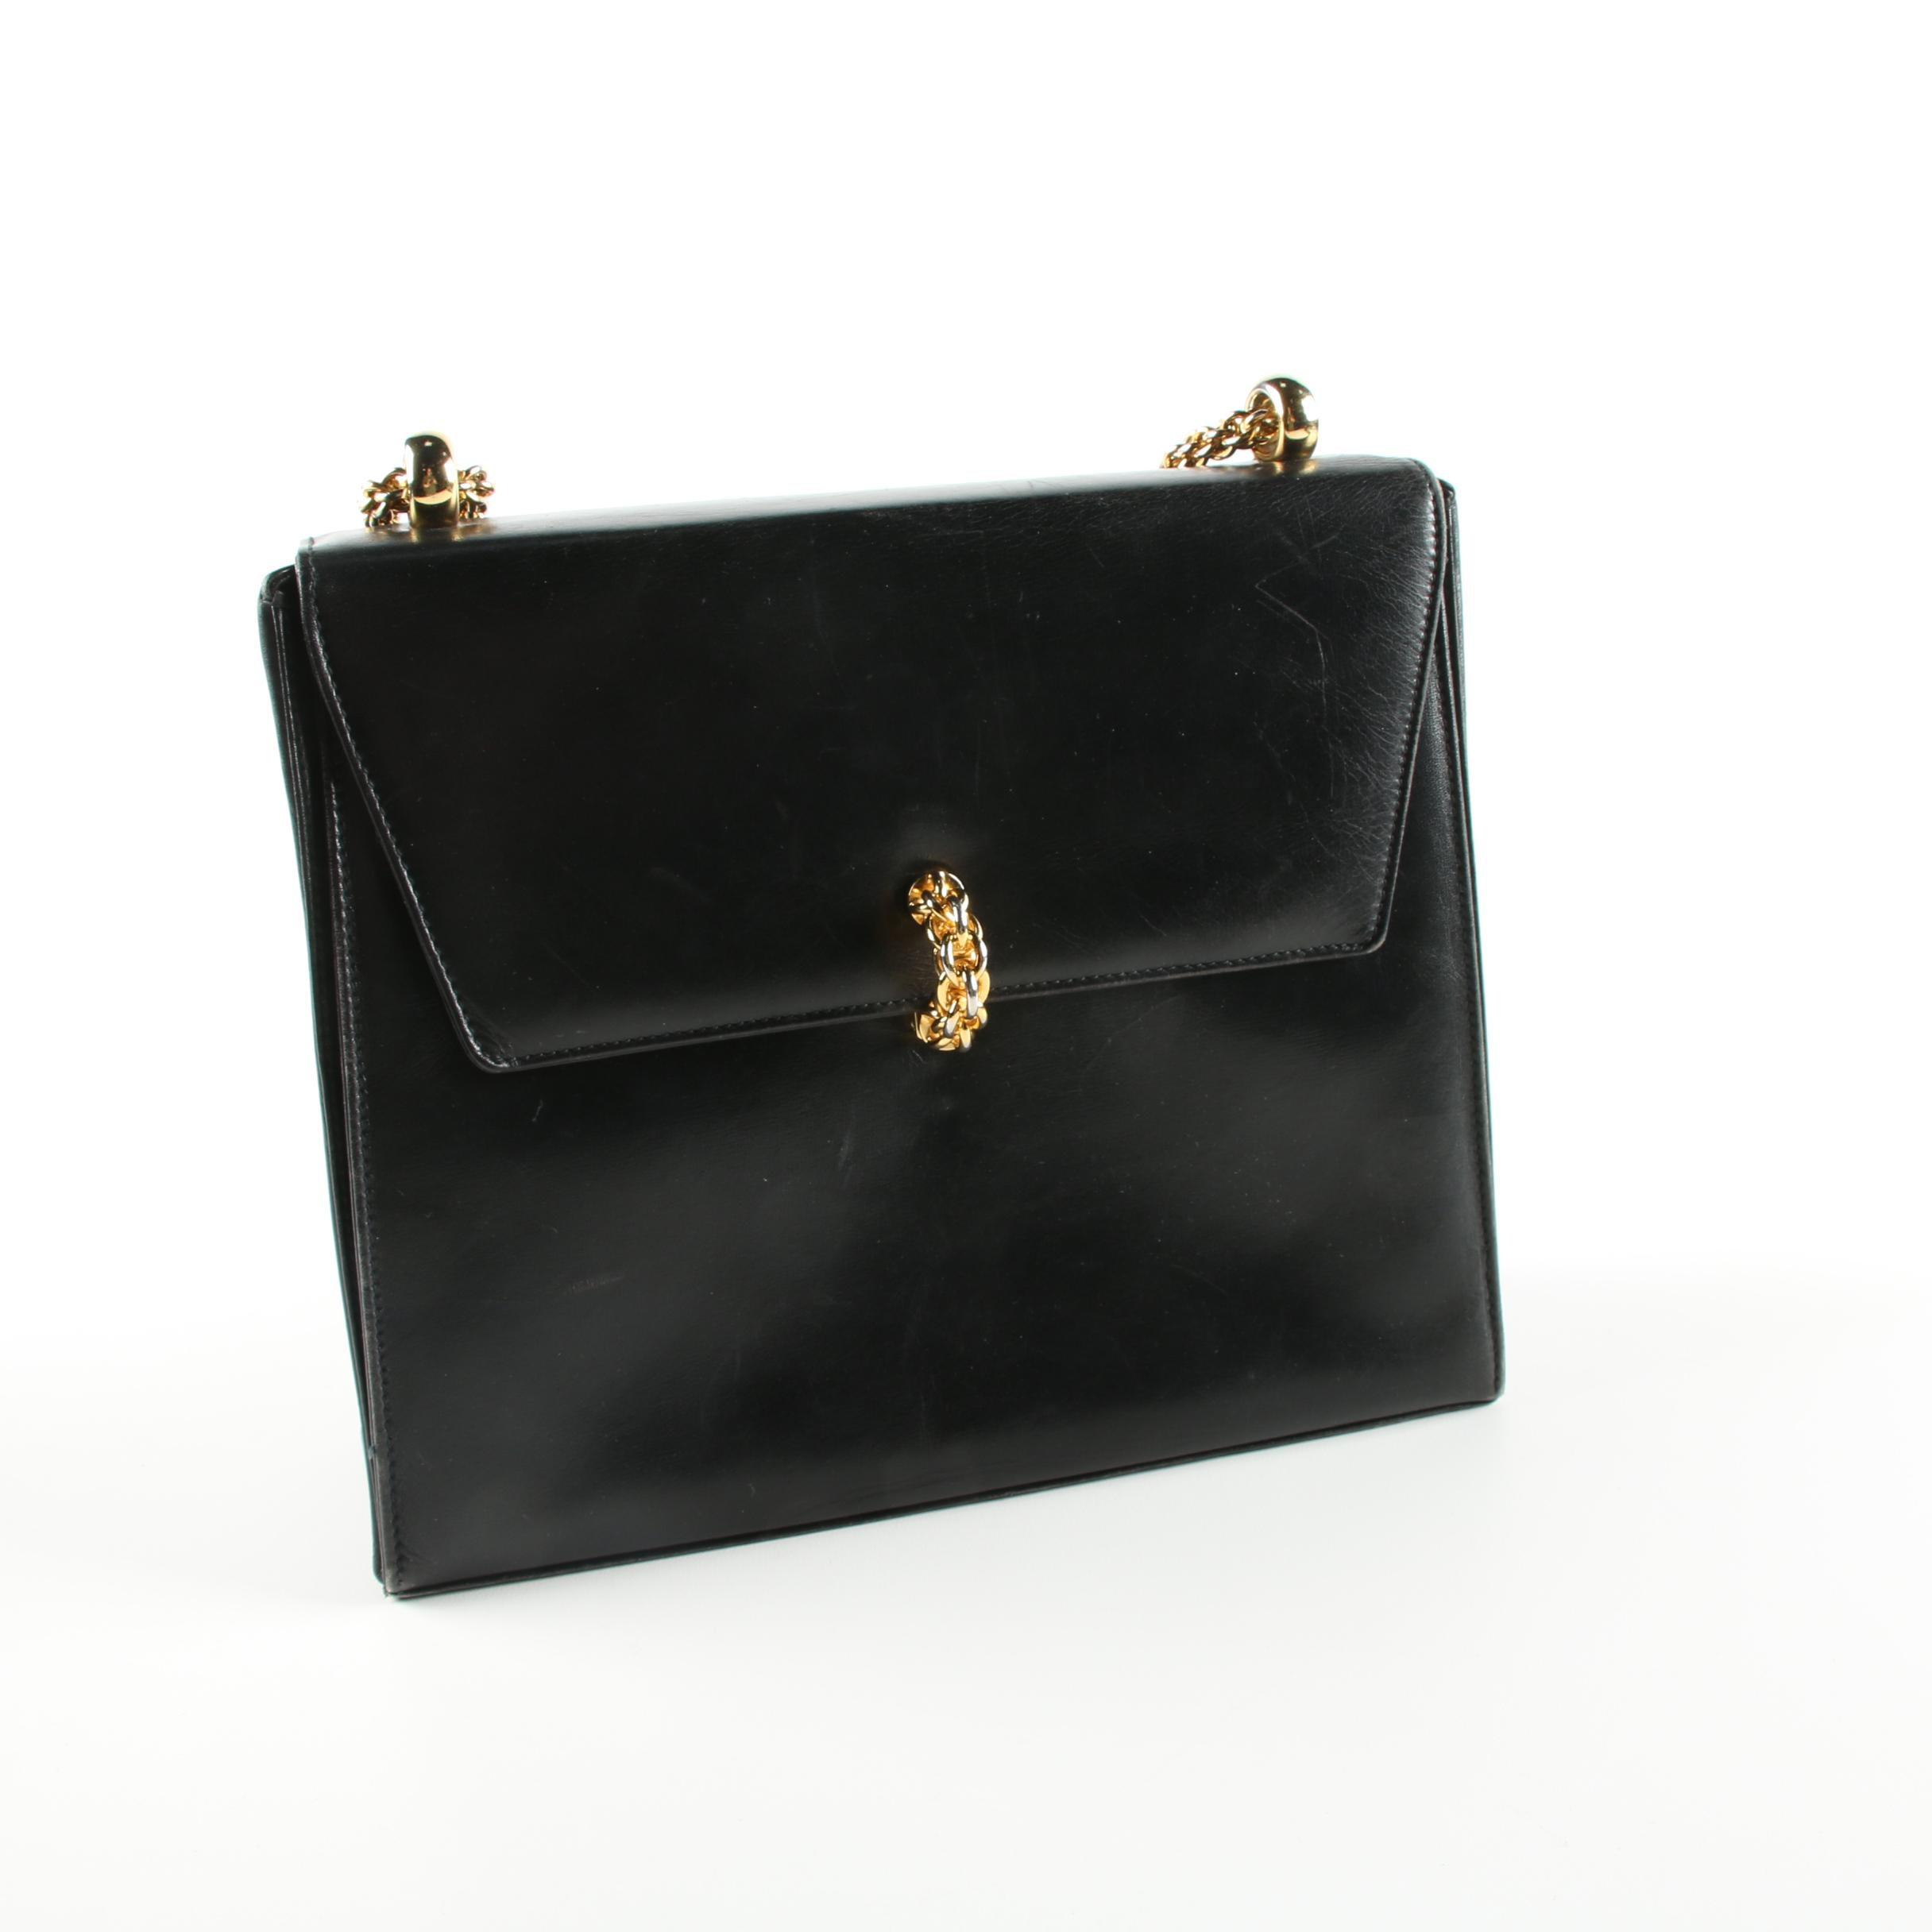 Vintage Paloma Picasso Black Leather Shoulder Bag